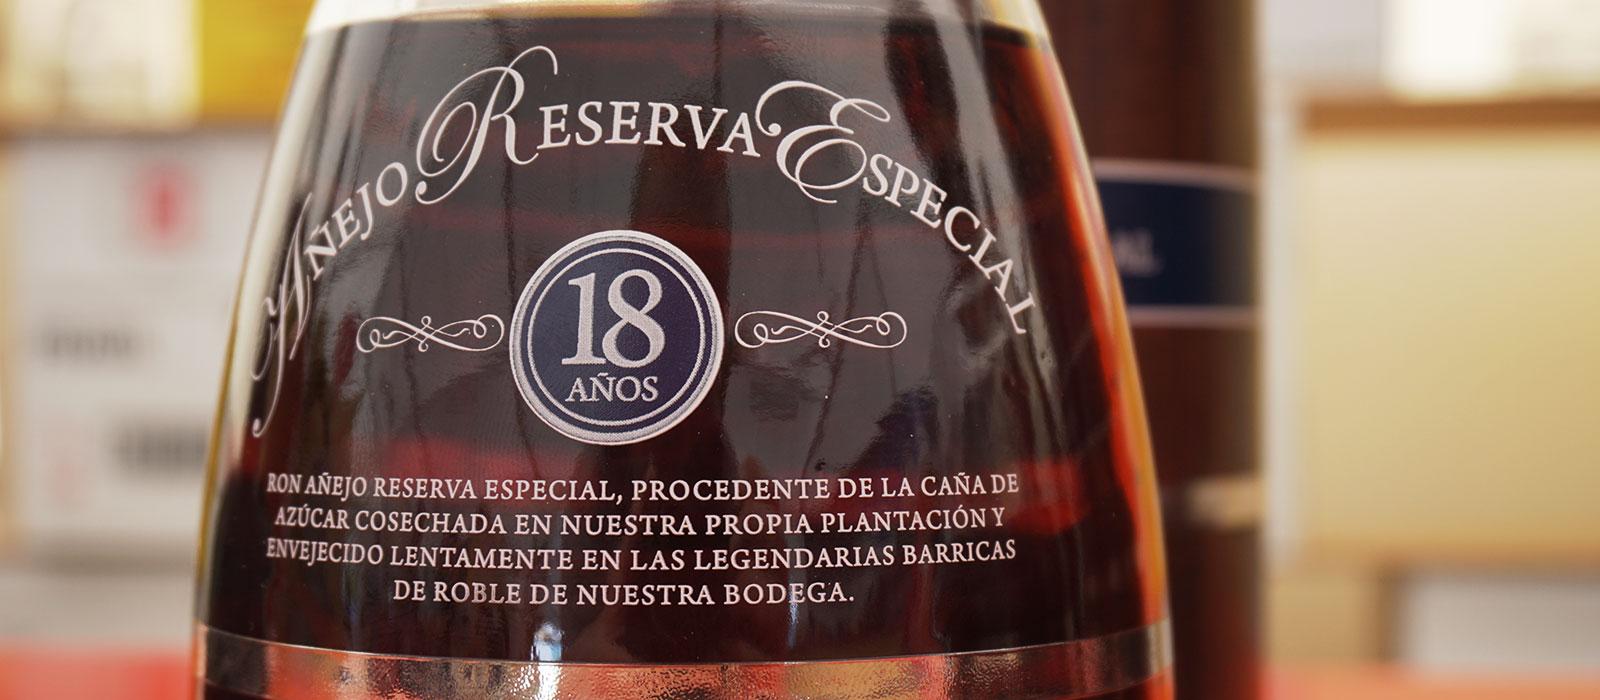 Månadens rom mars 2018: Arehucas Reserva Especial 18